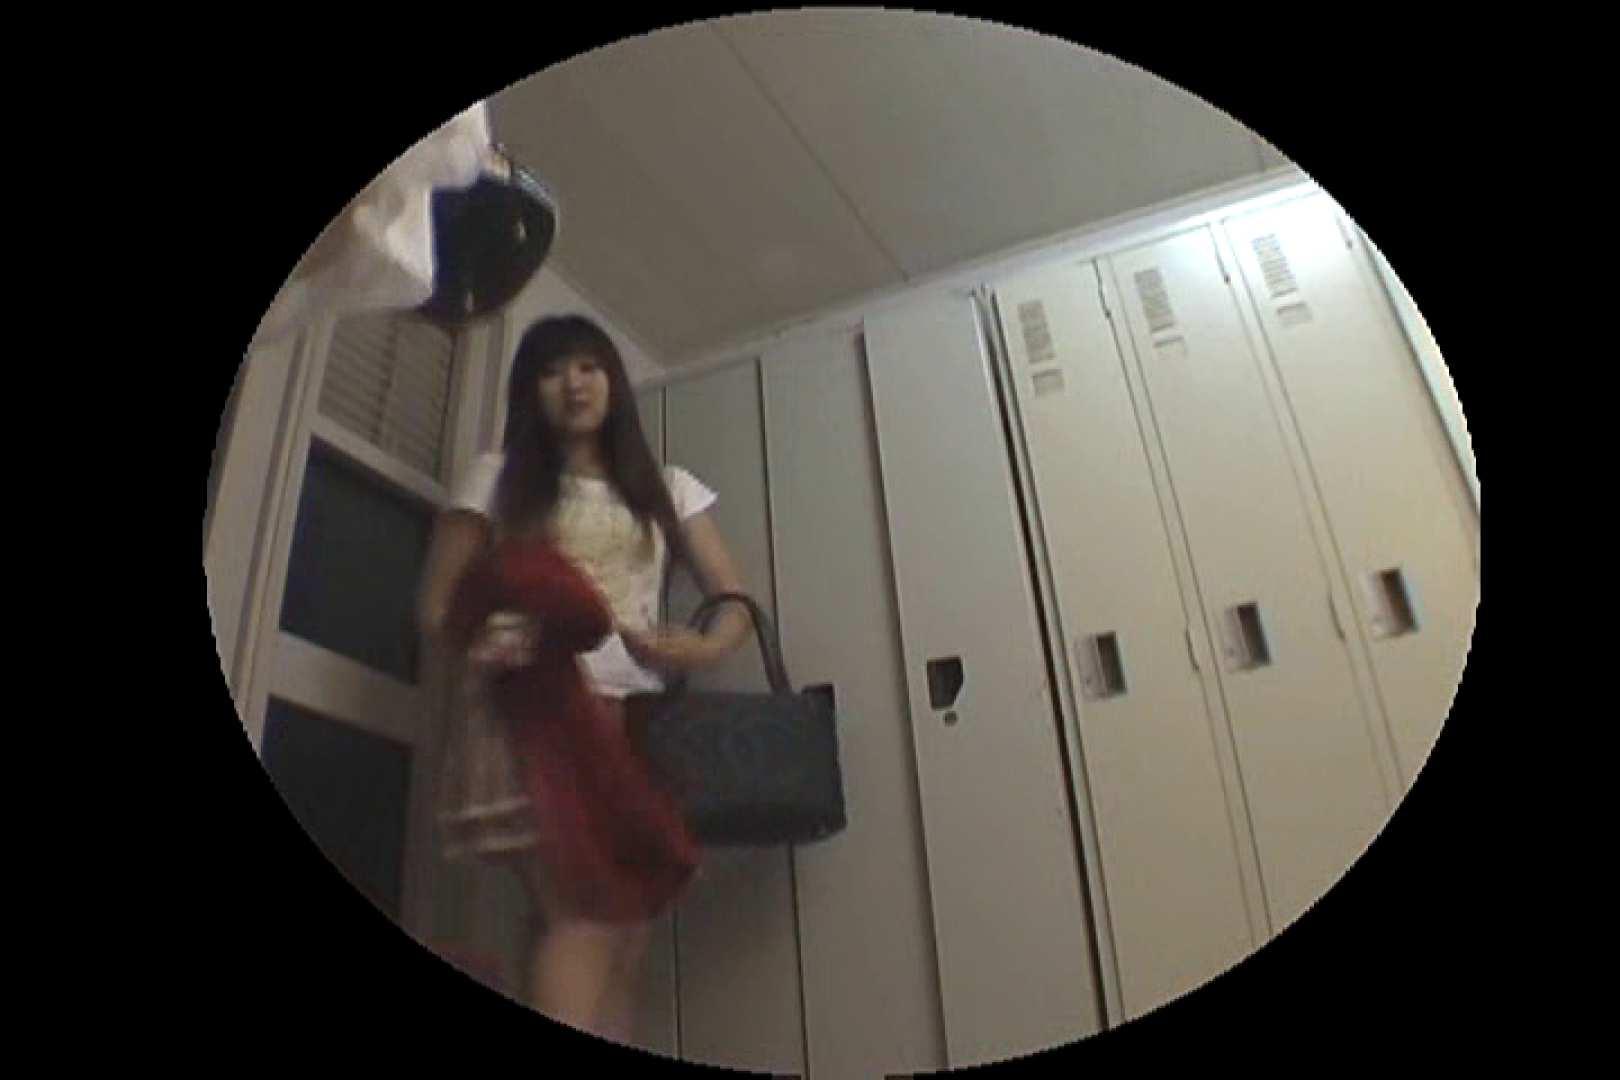 キャバ嬢舞台裏Vol.4 いやらしいOL われめAV動画紹介 92連発 56